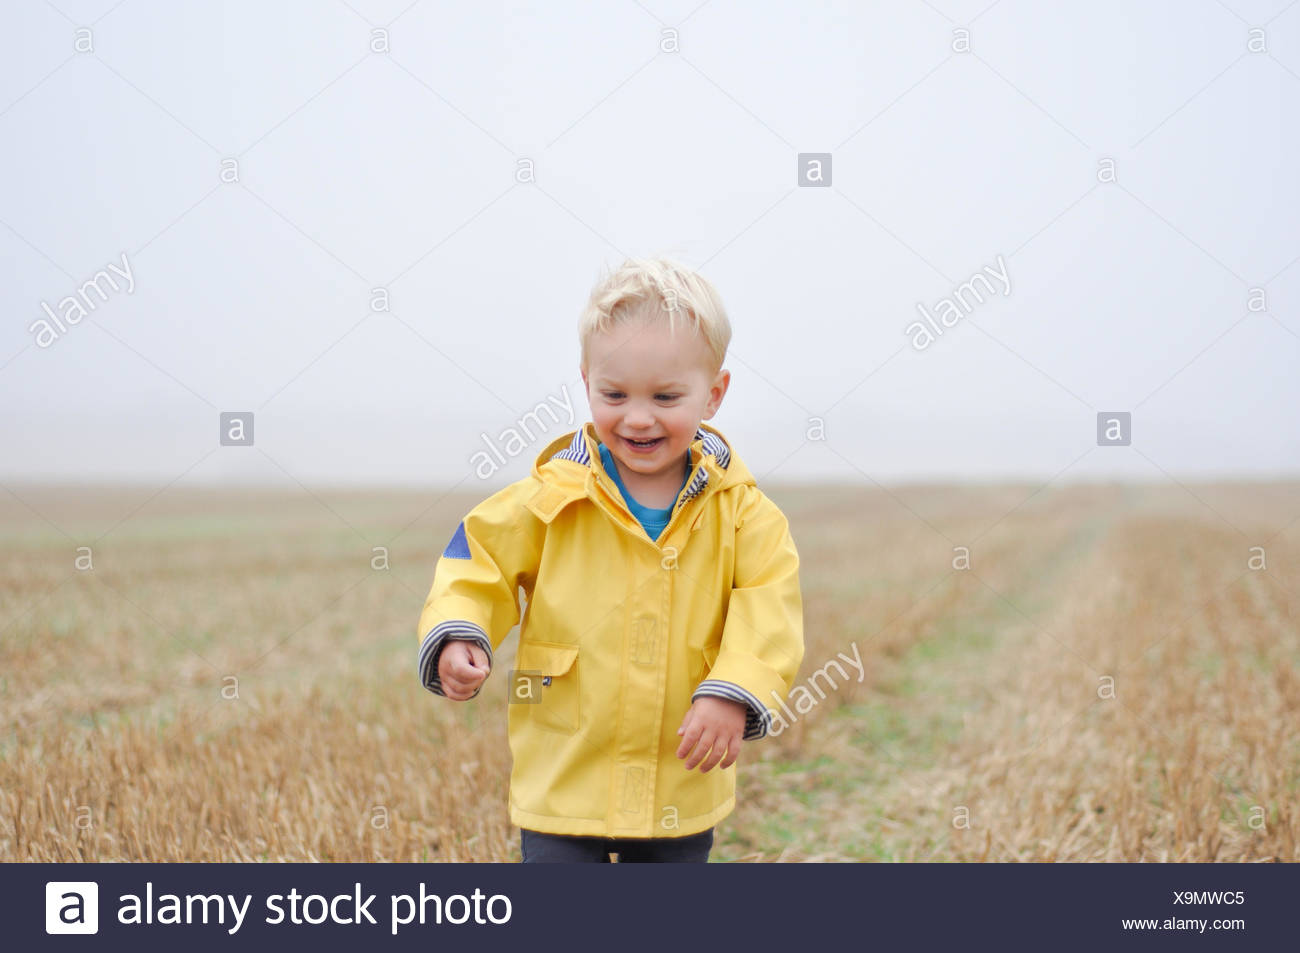 Junge in eine Regenjacke stehend in einem Weizen Feld, England, UK Stockbild